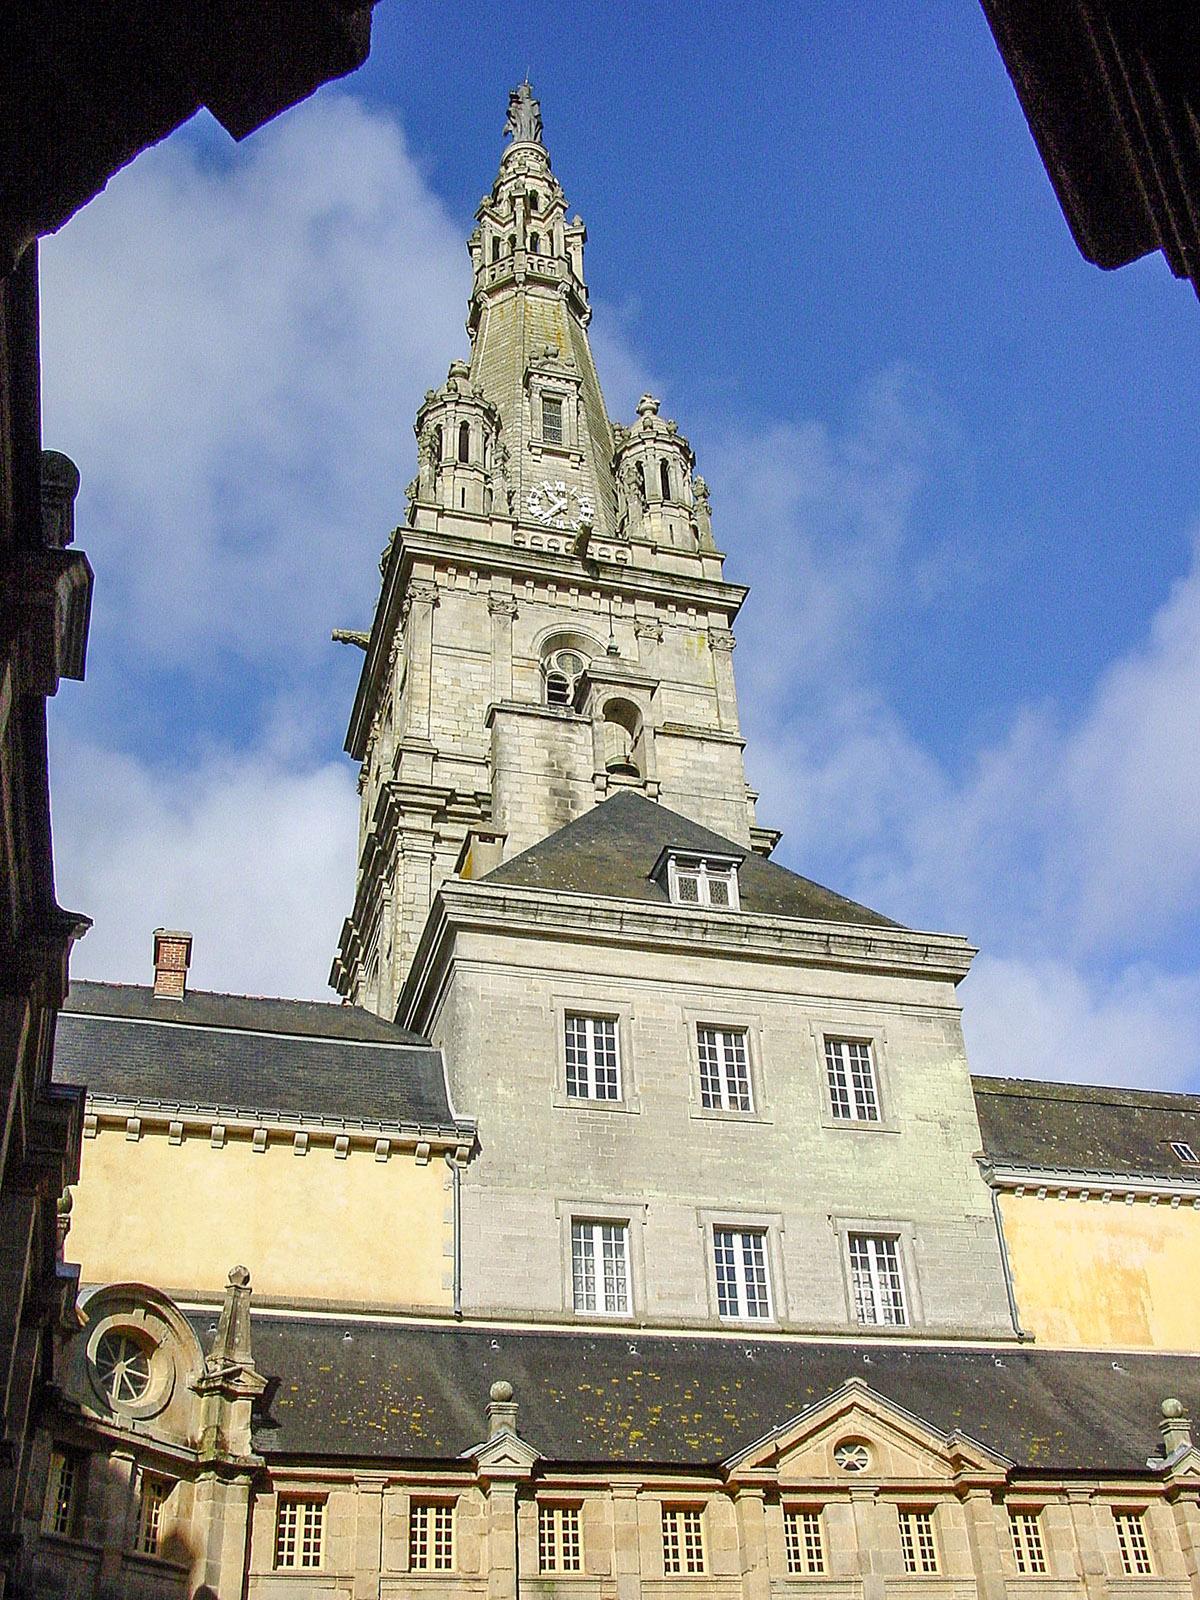 Die Basilika des Wallfahrtsortes mit ihrem 75 m hohen Turm, gesehen vom Kreuzgang des Karmeliterklosters. Foto: Hilke Maunder